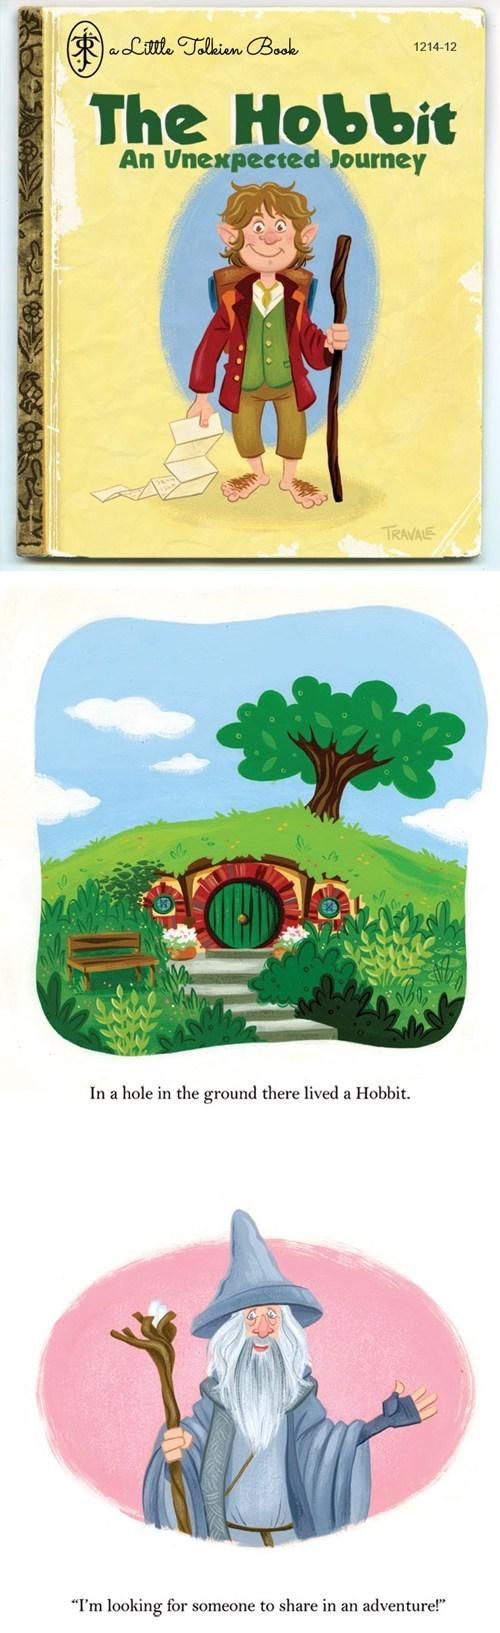 little golden books Bilbo Baggins gandalf childrens-books The Hobbit - 6997634560